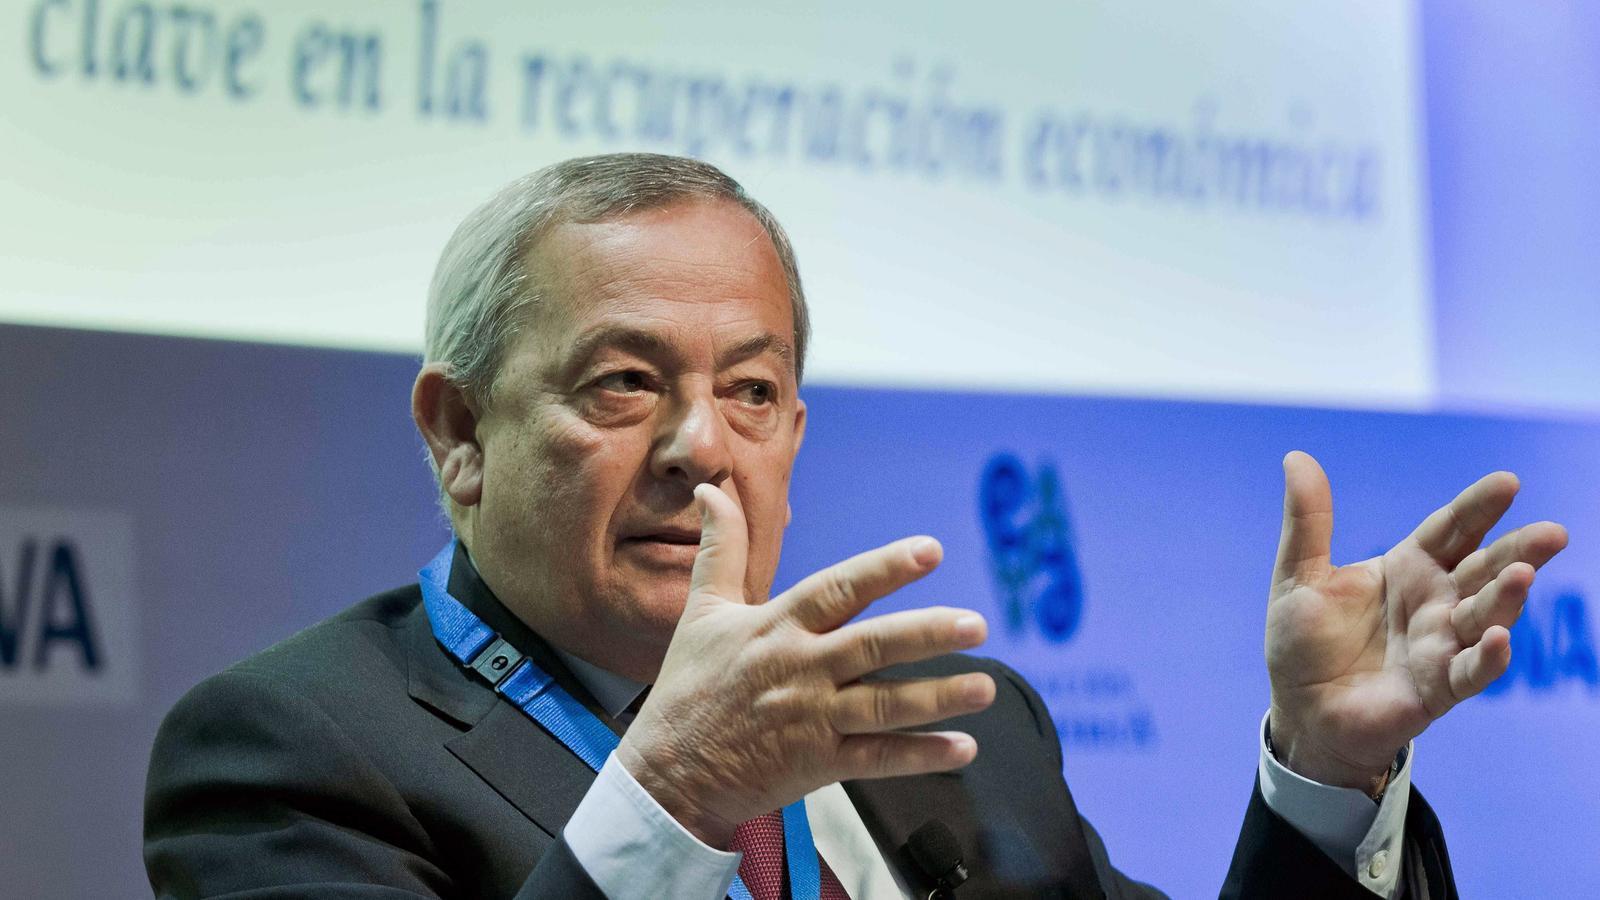 L'exministre d'Economia espanyol Carlos Solchaga, en una imatge d'arxiu.